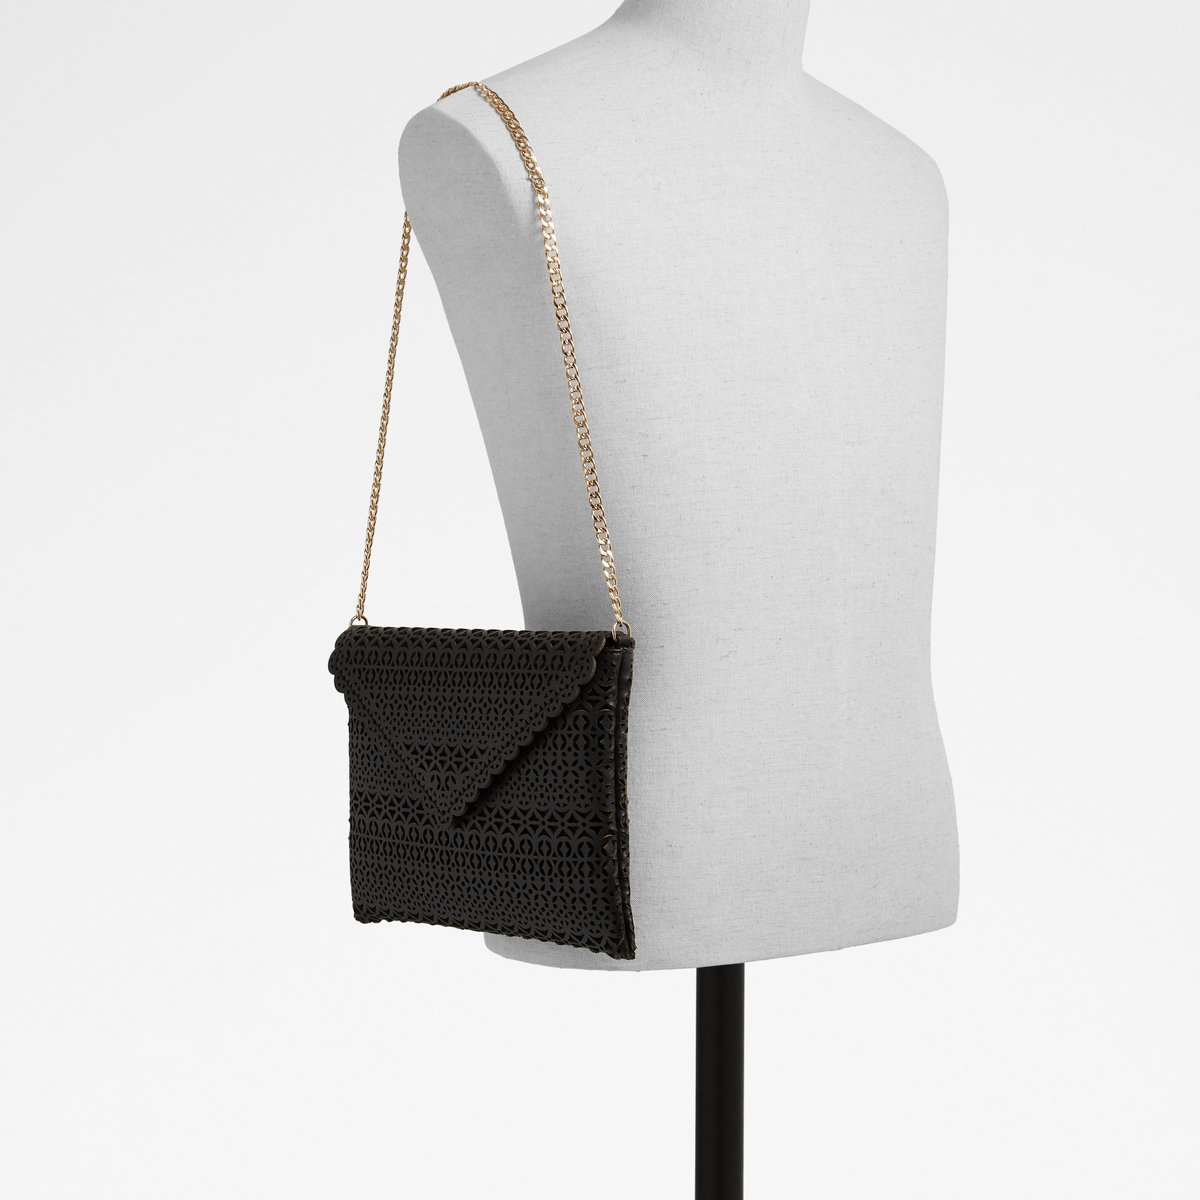 25bd885d2e6 Yberien Midnight Black Women s Clutches   evening bags